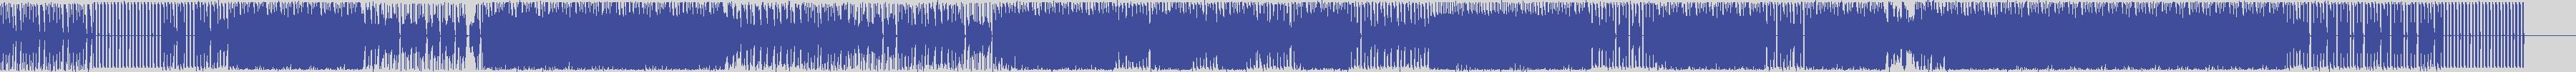 just_digital_records [JS1065] Dj Alex Del Lago - Ceck Sound [Original Mix] audio wave form